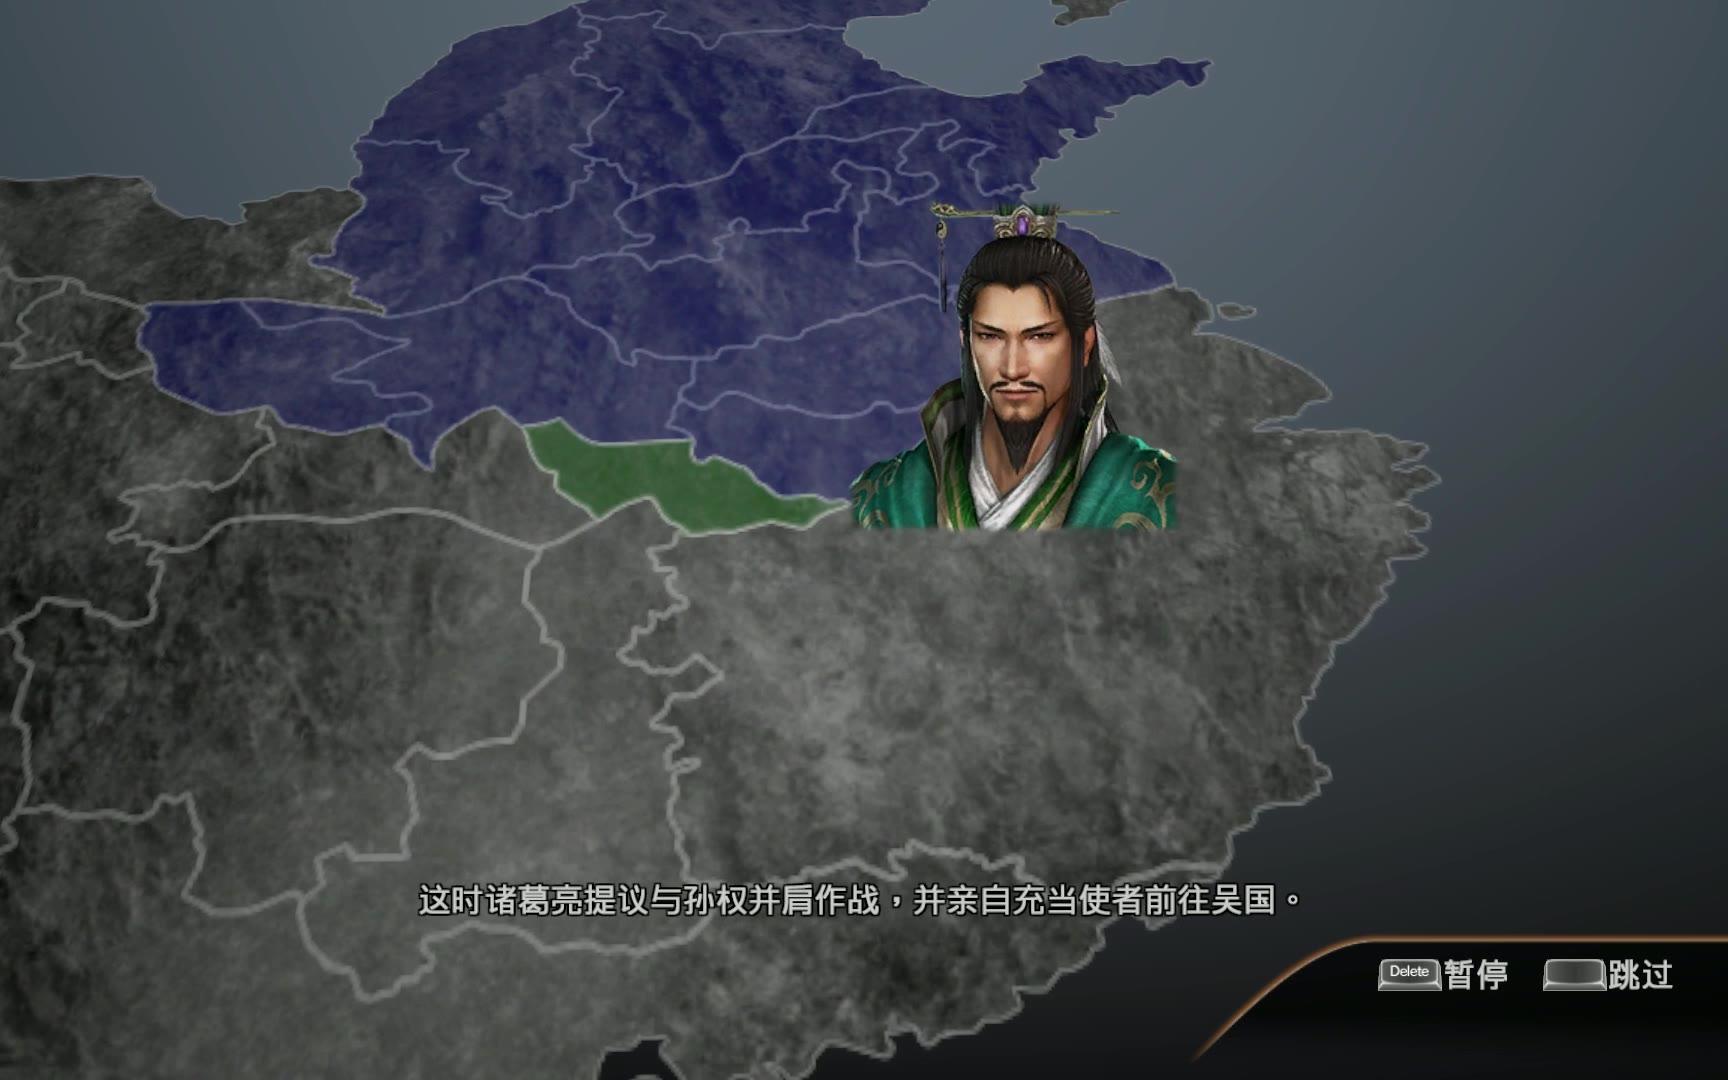 【灵域游戏】真三國無双7 with 猛将伝——蜀传05:长坂之战